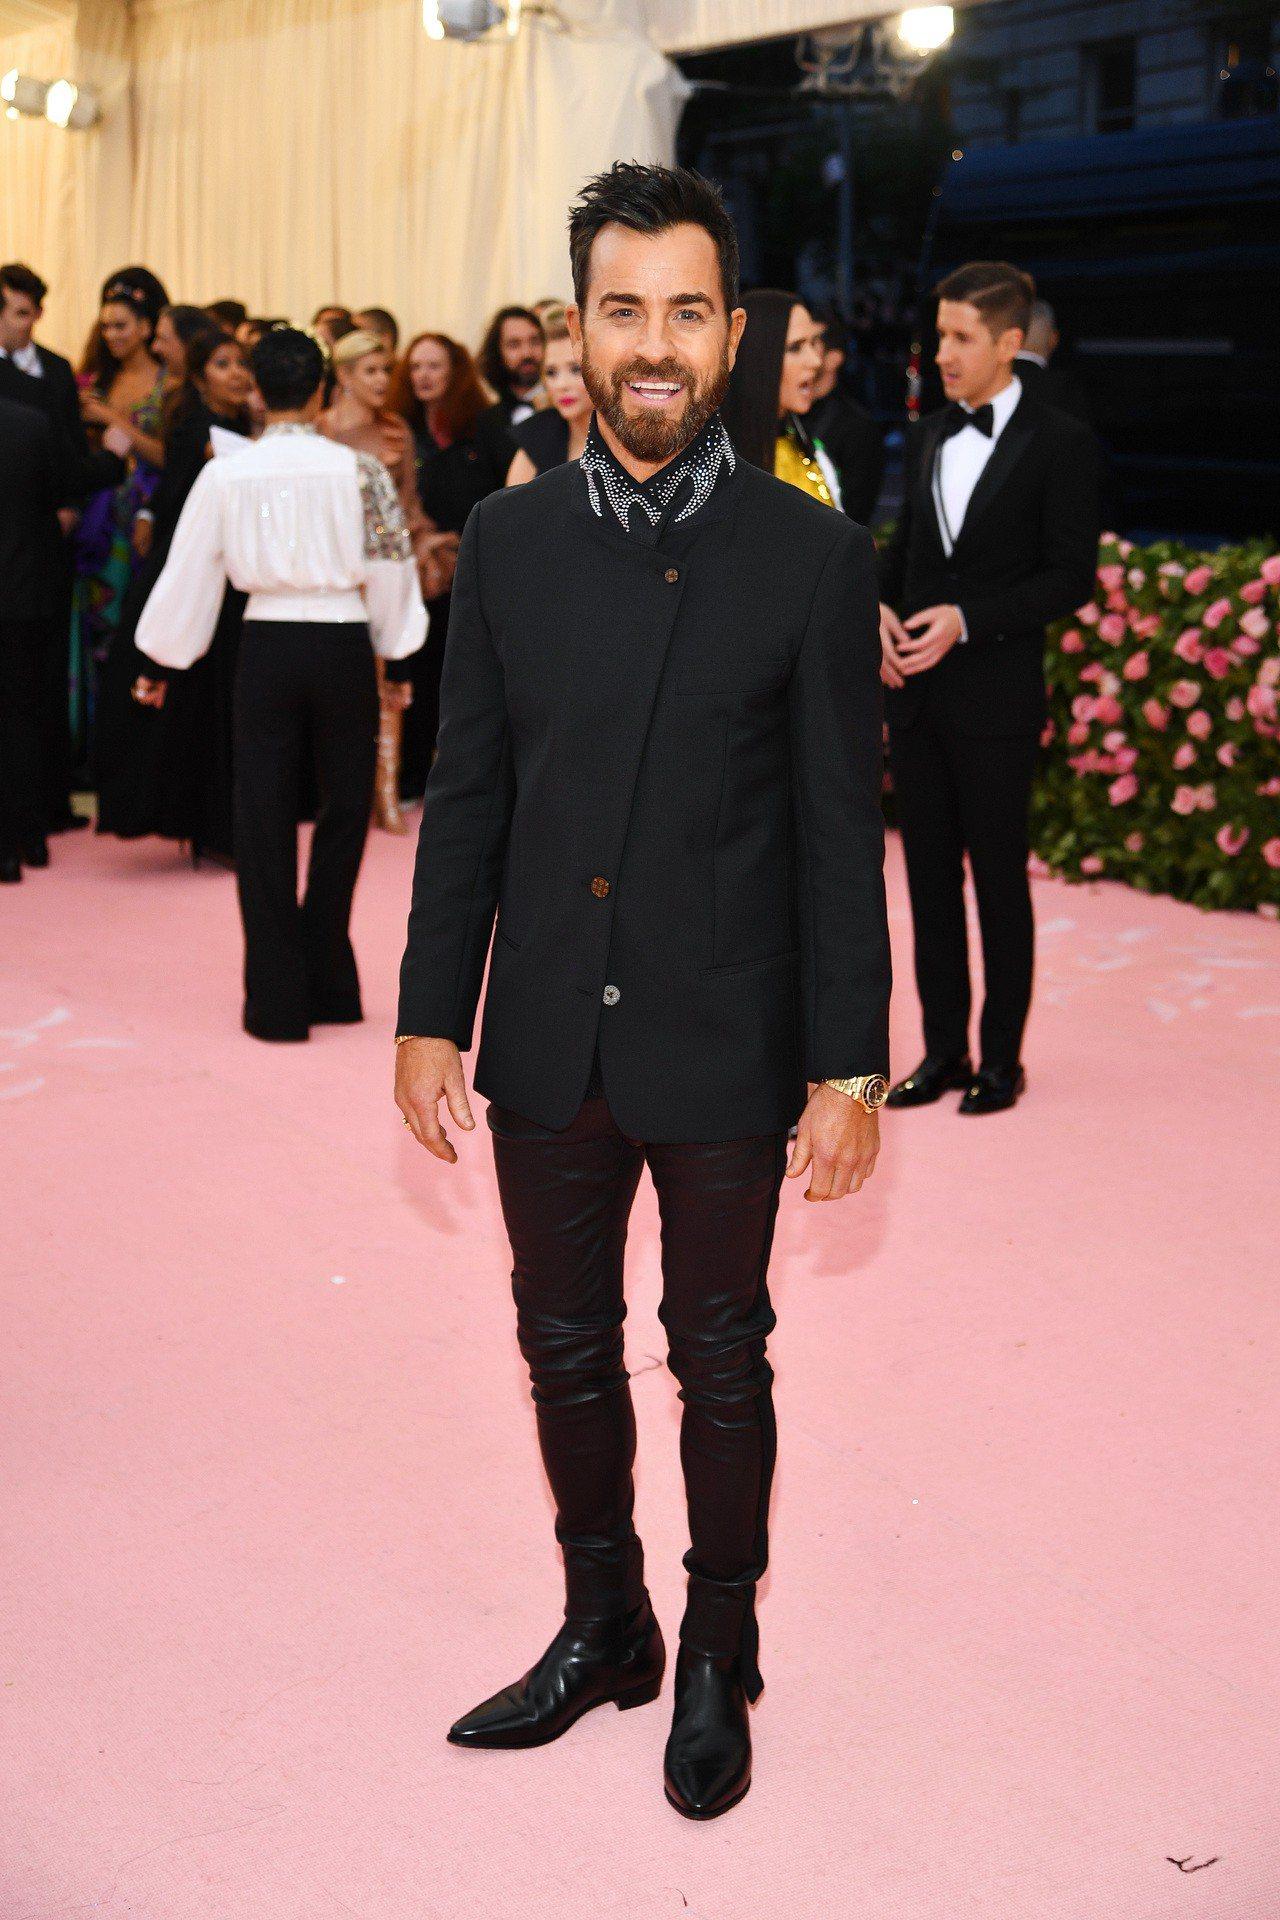 演員Justin Theroux挑選了Louis Vuitton的黑色無領外套搭...